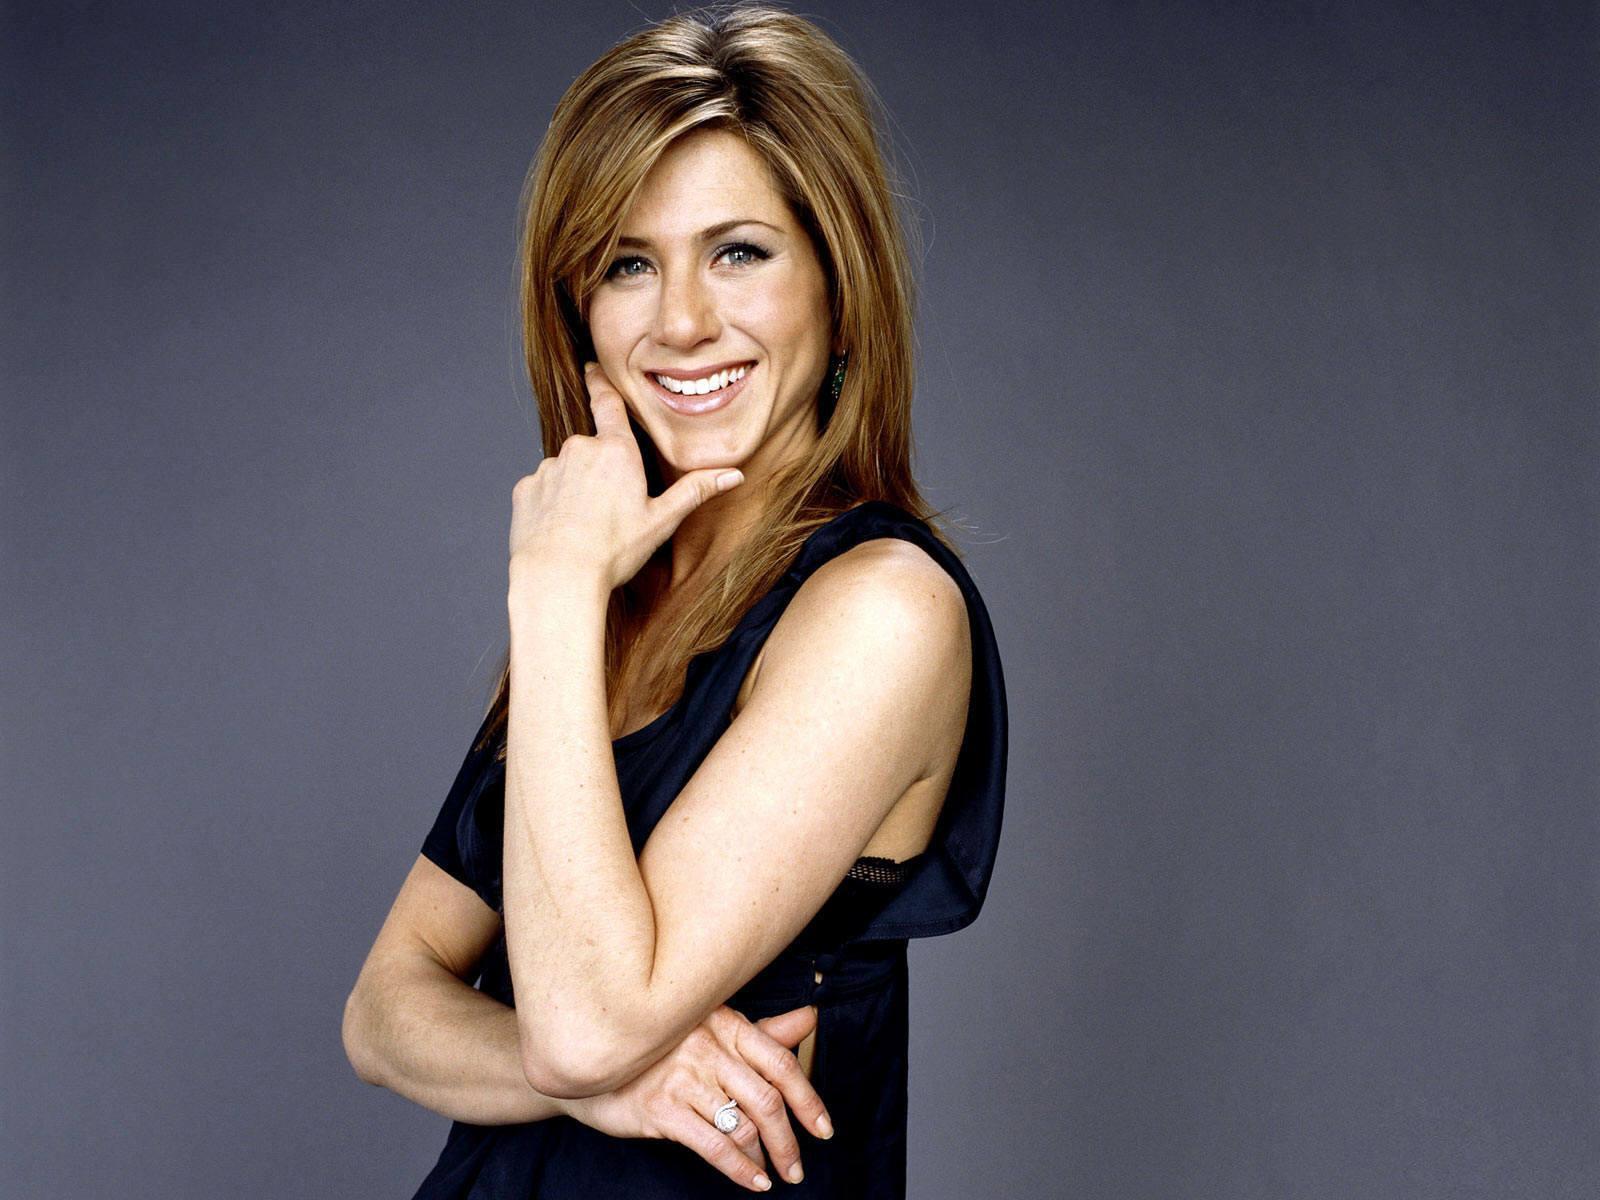 http://1.bp.blogspot.com/-383vgP4ptSM/TcMHydfvOTI/AAAAAAAAD1s/UhIDjxuiREY/s1600/Jennifer-Aniston-Wallpaper.jpg